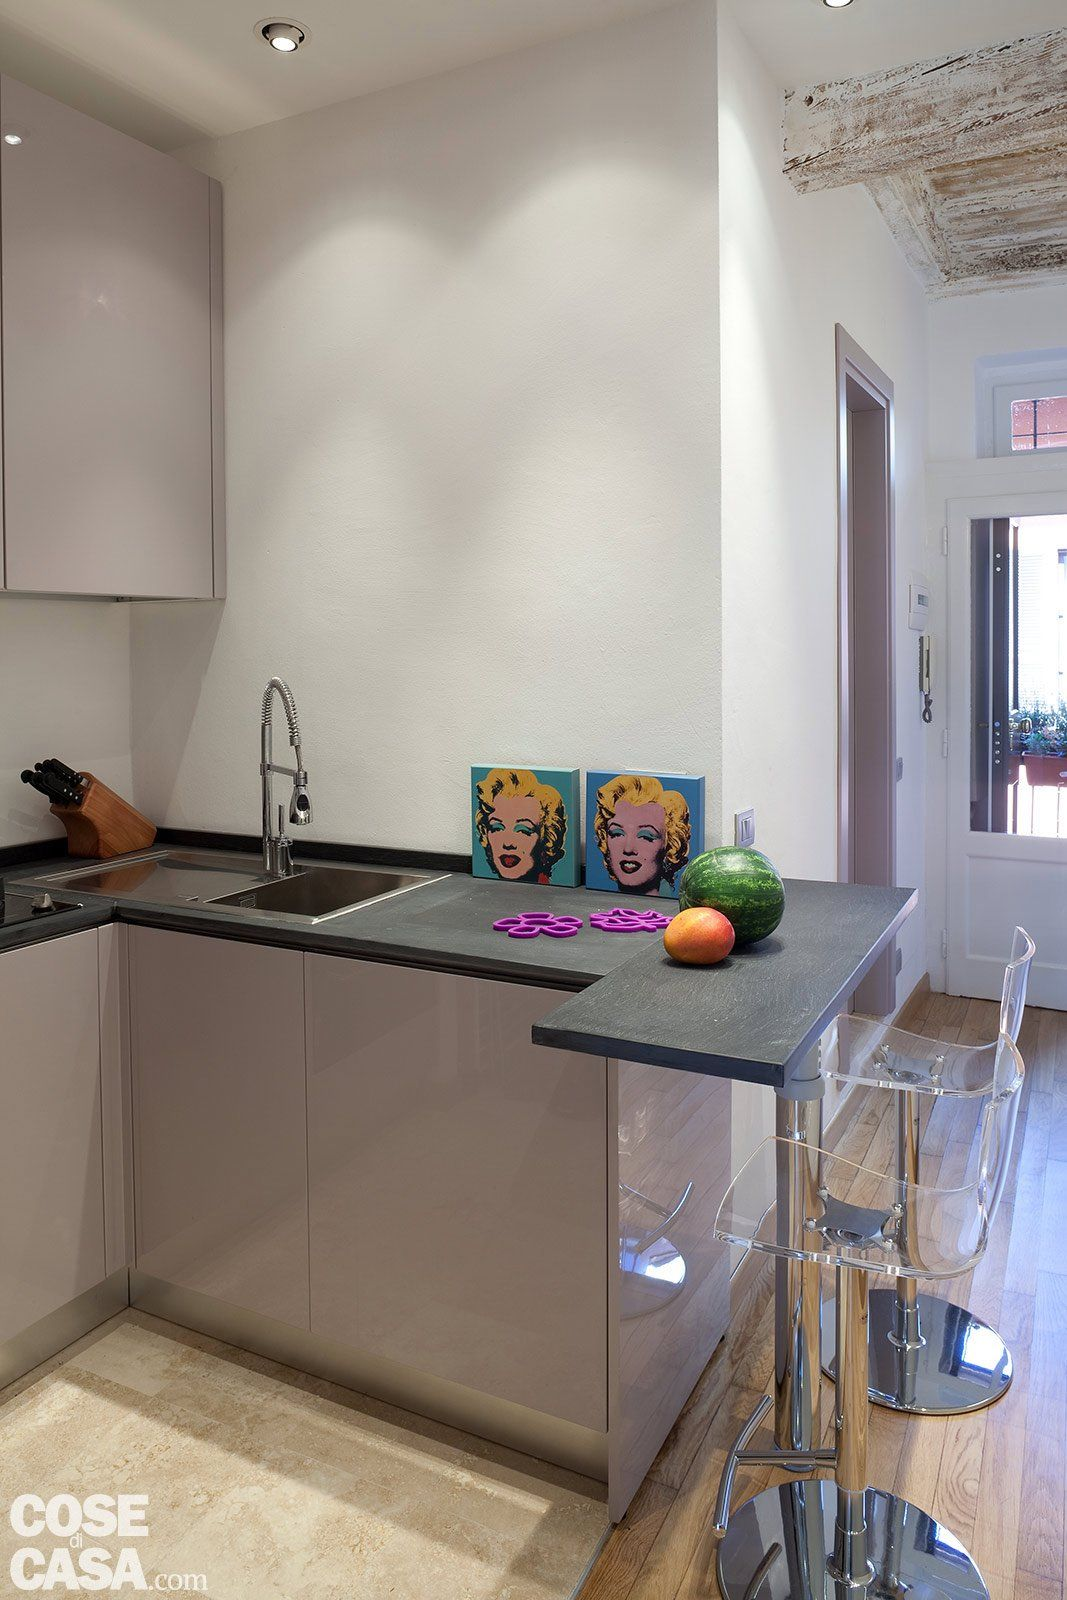 Cucina Soggiorno Stretta E Lunga una casa stretta e lunga che ottimizza lo spazio (con